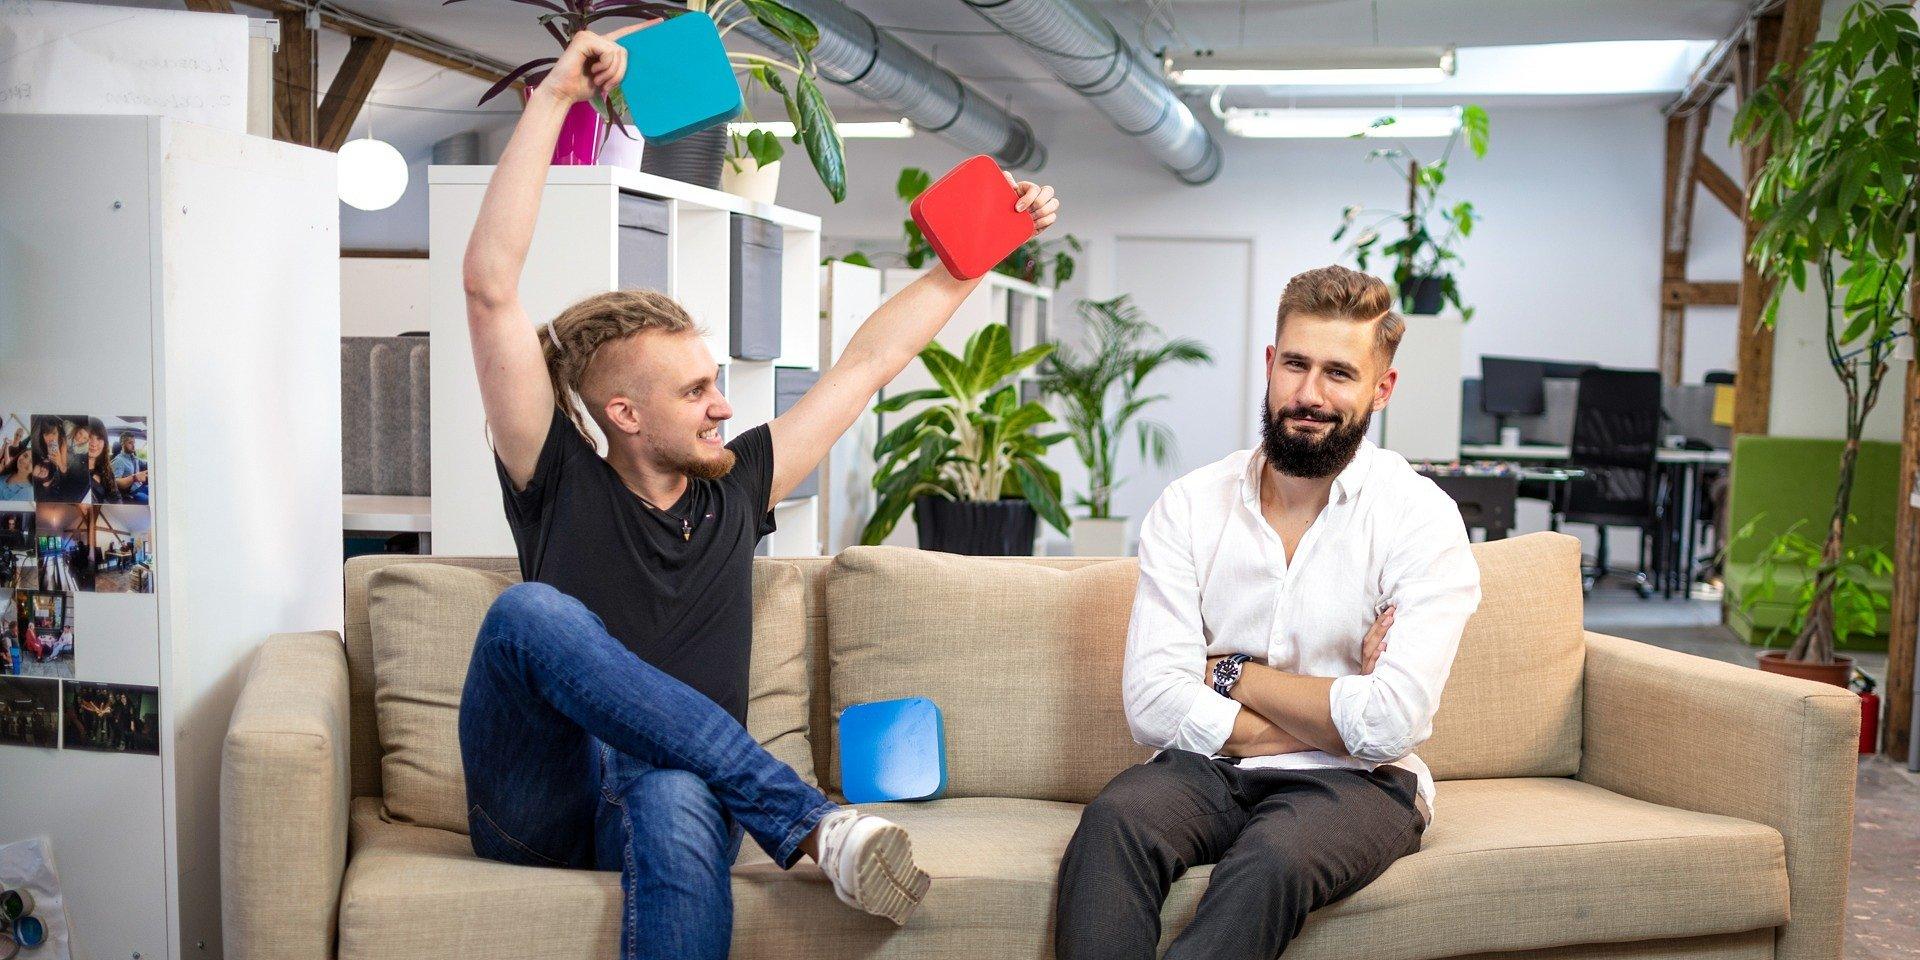 Przedszkole w smartfonie: LiveKid z rundą 9 mln zł od giełdowych inwestorów